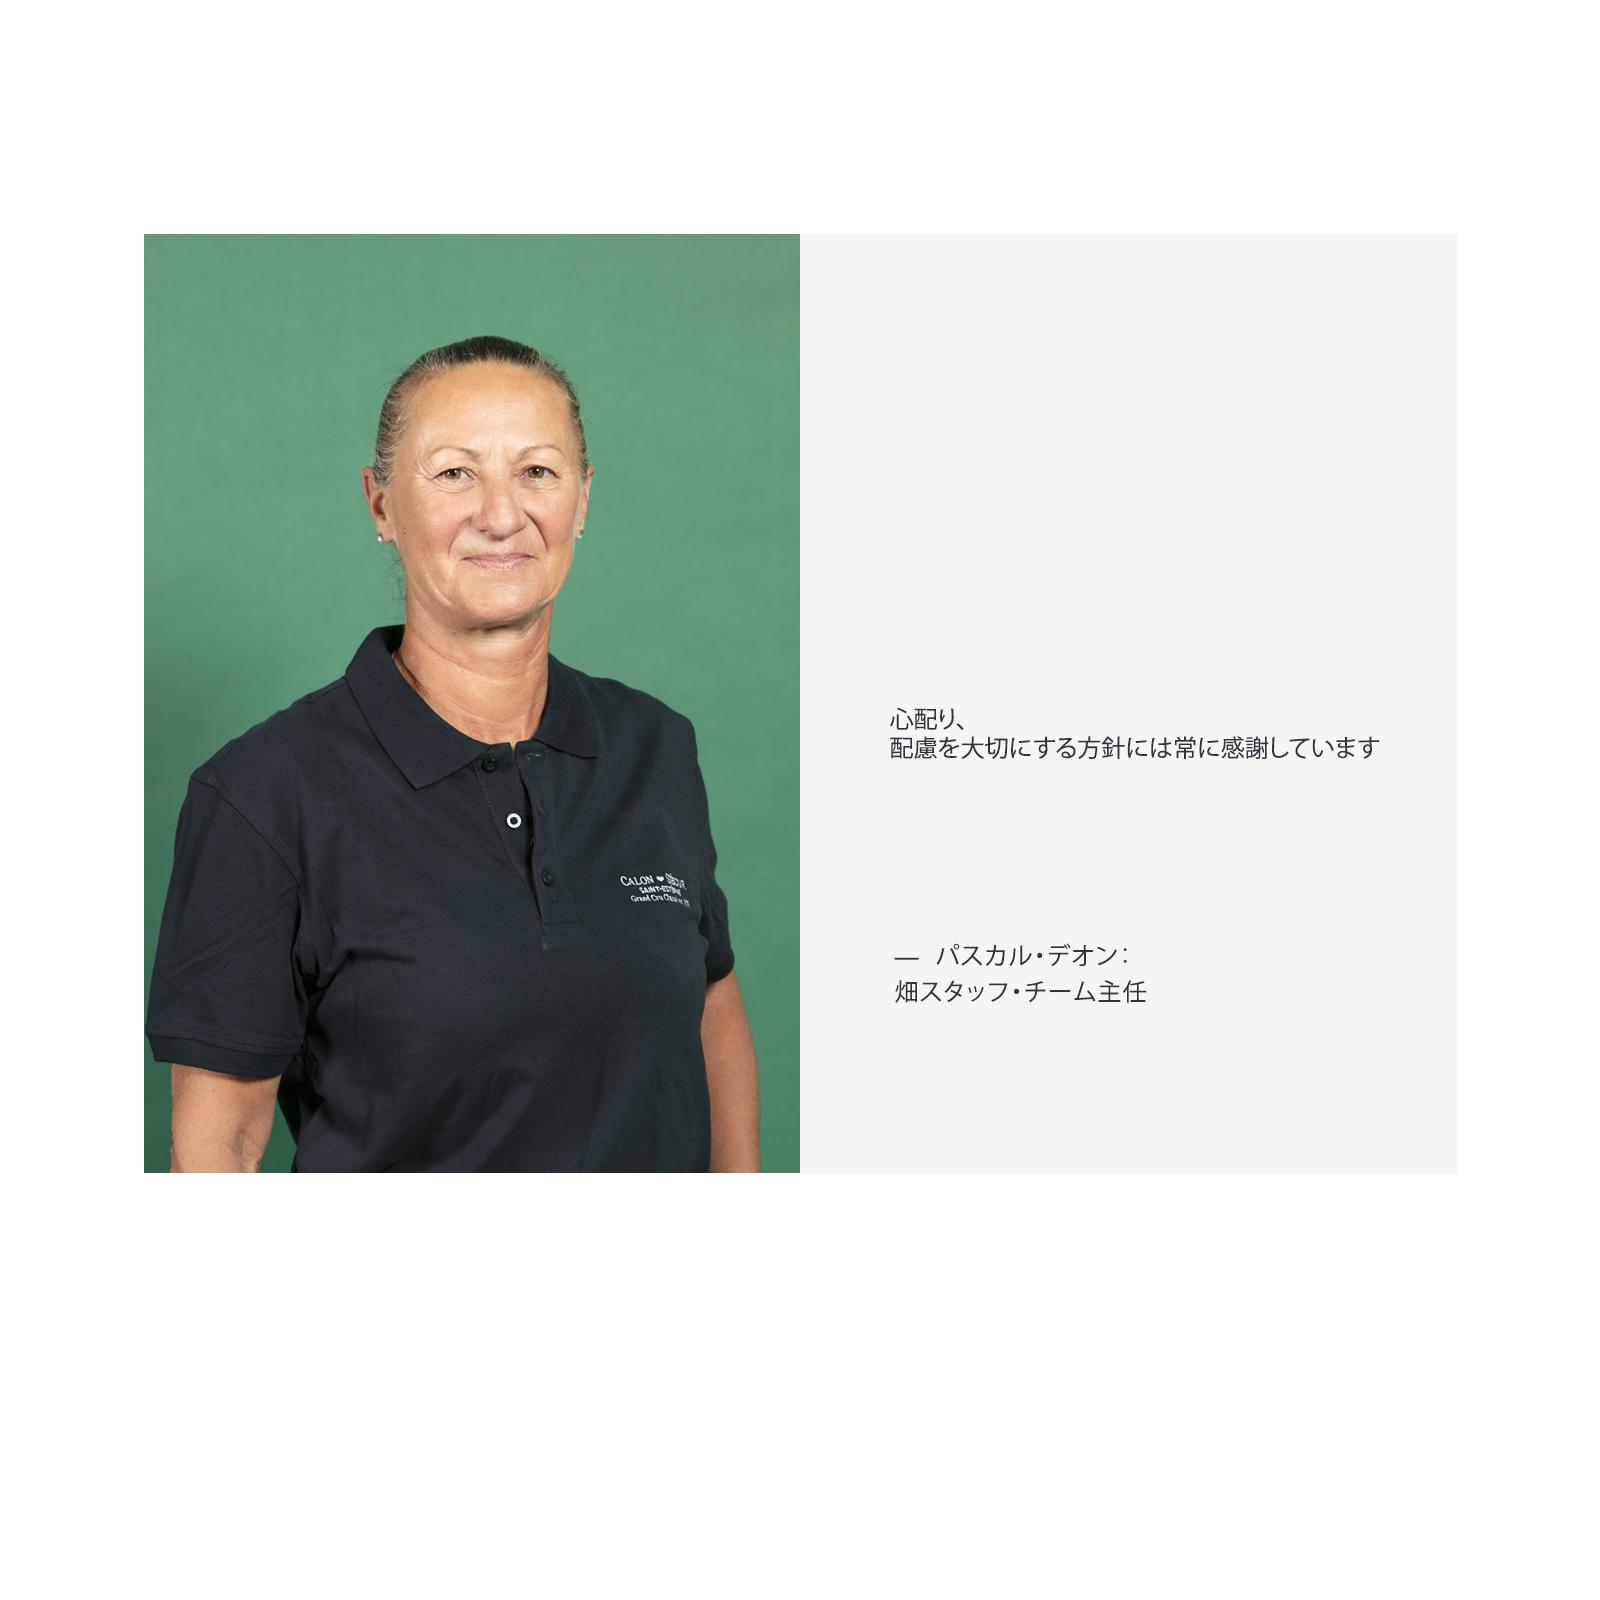 パスカル・デオン:畑スタッフ・チーム主任